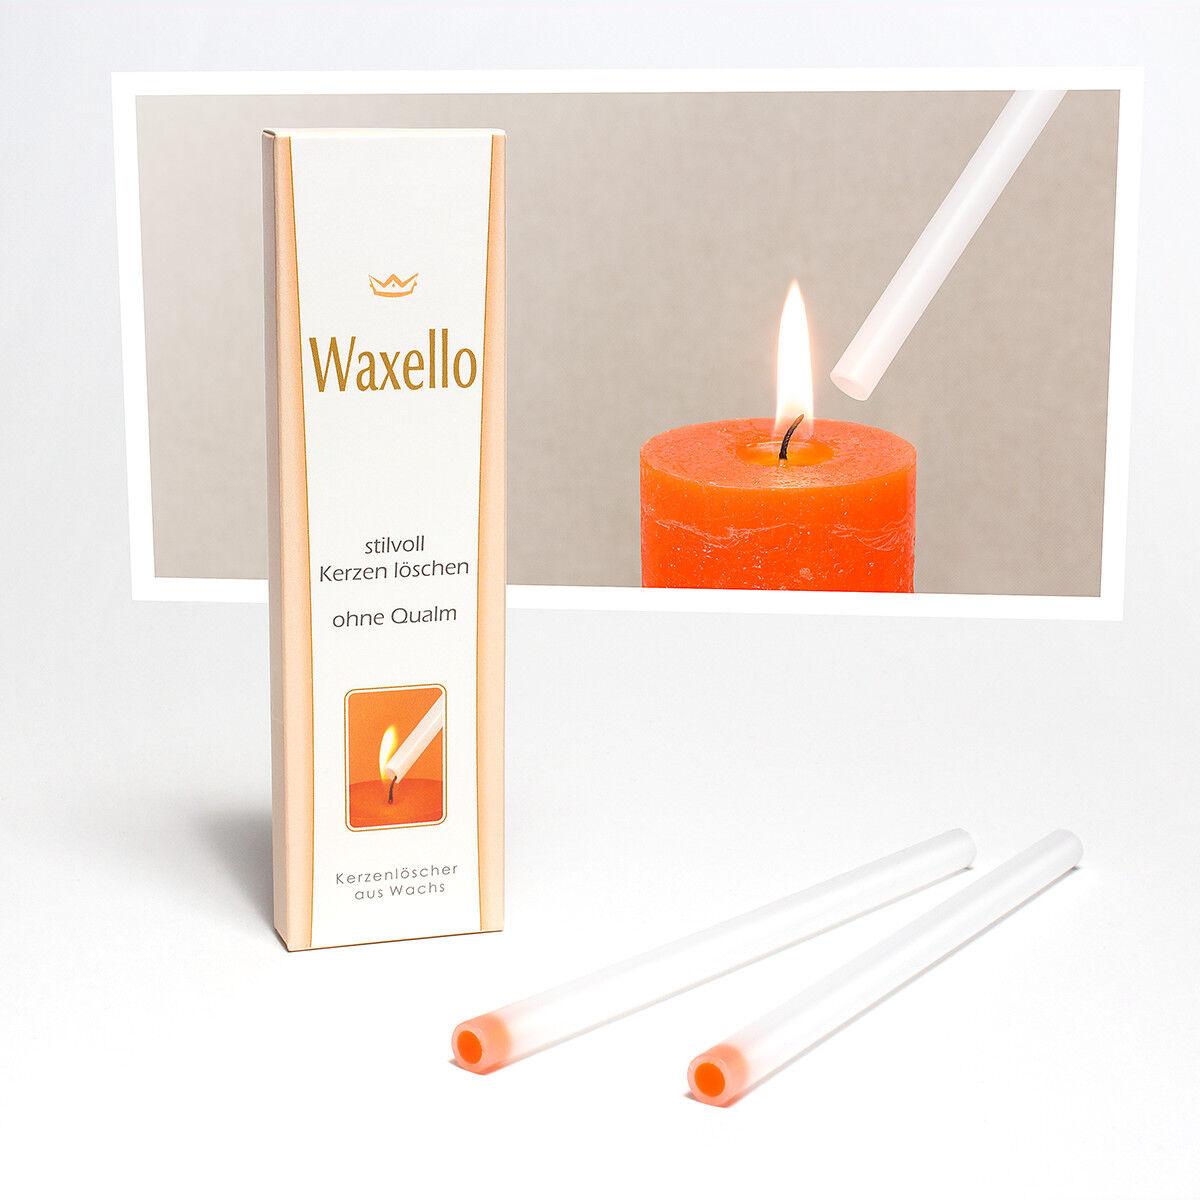 Kerzenlöscher - Waxello, Stilvoll Kerzen löschen ohne Qualm und Geruch - Patent